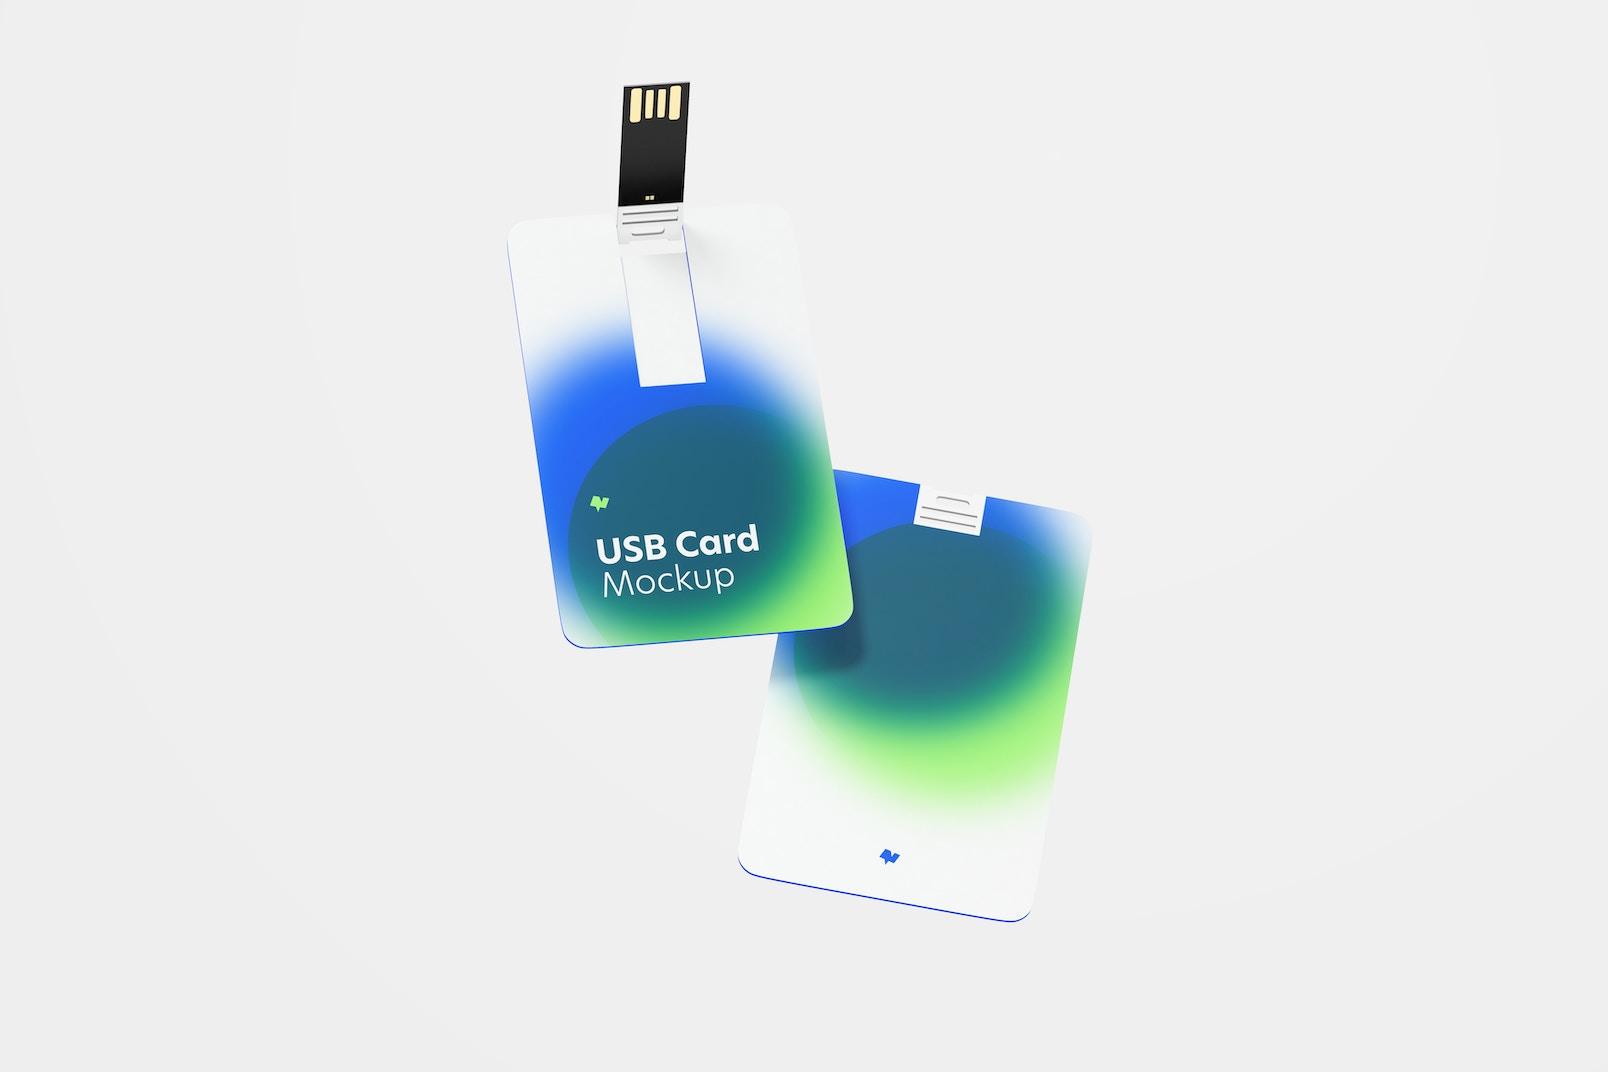 USB Cards Mockup, Floating